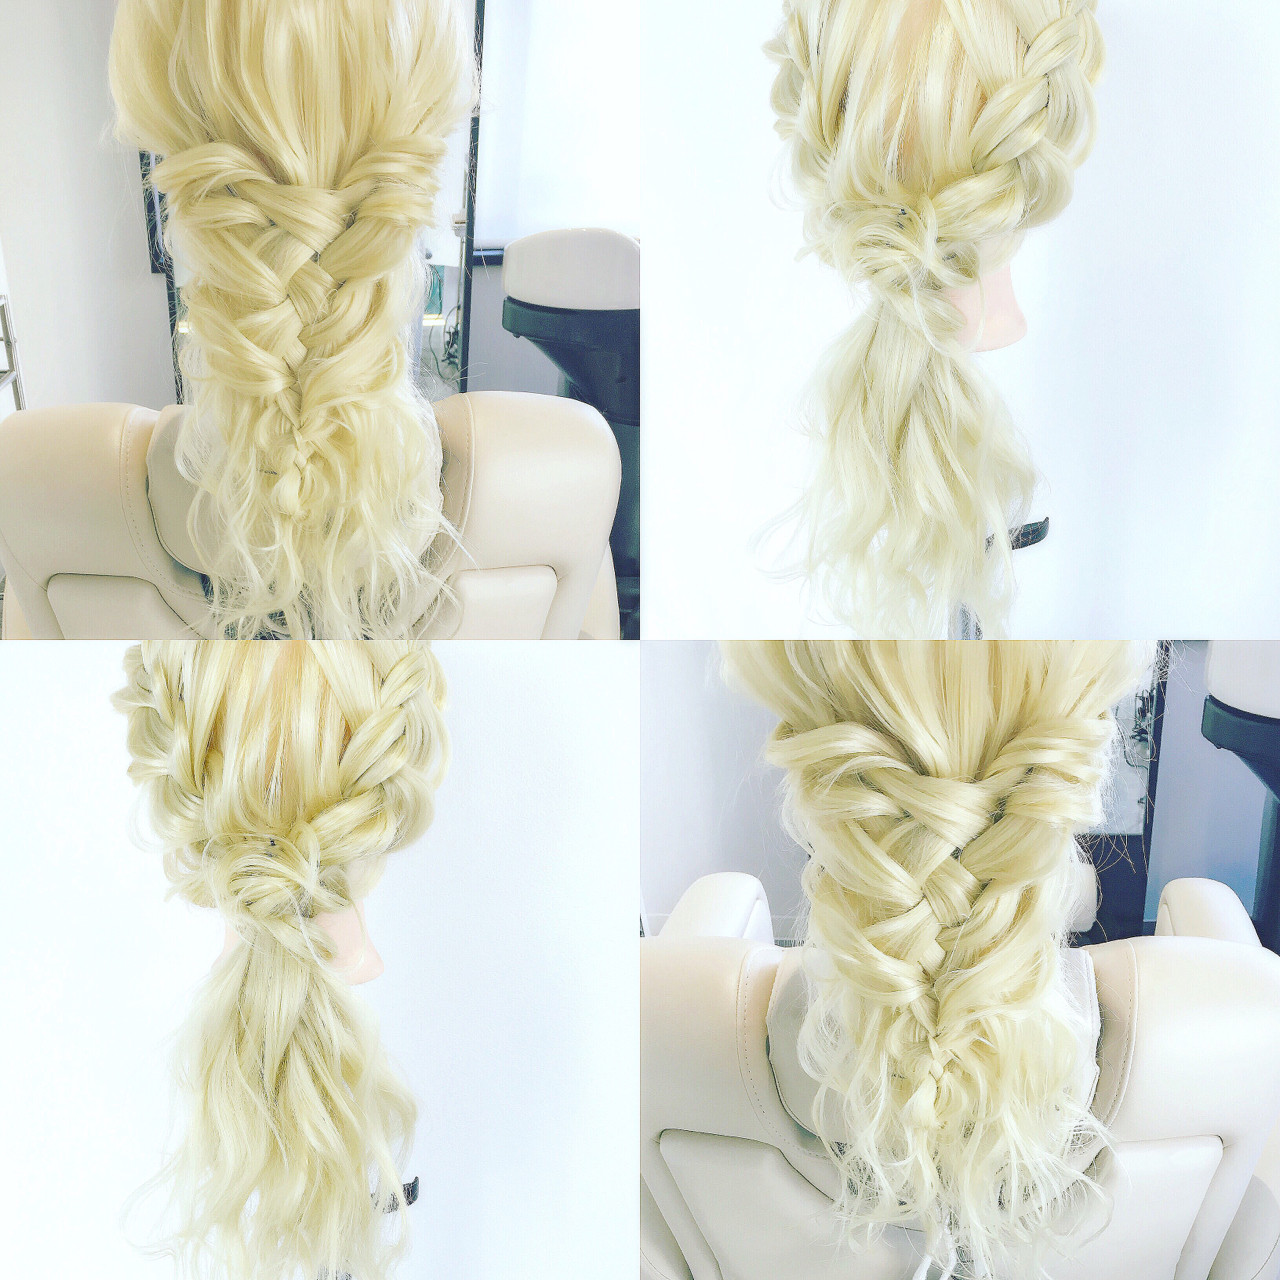 結婚式 まとめ髪 ロング 大人女子 ヘアスタイルや髪型の写真・画像